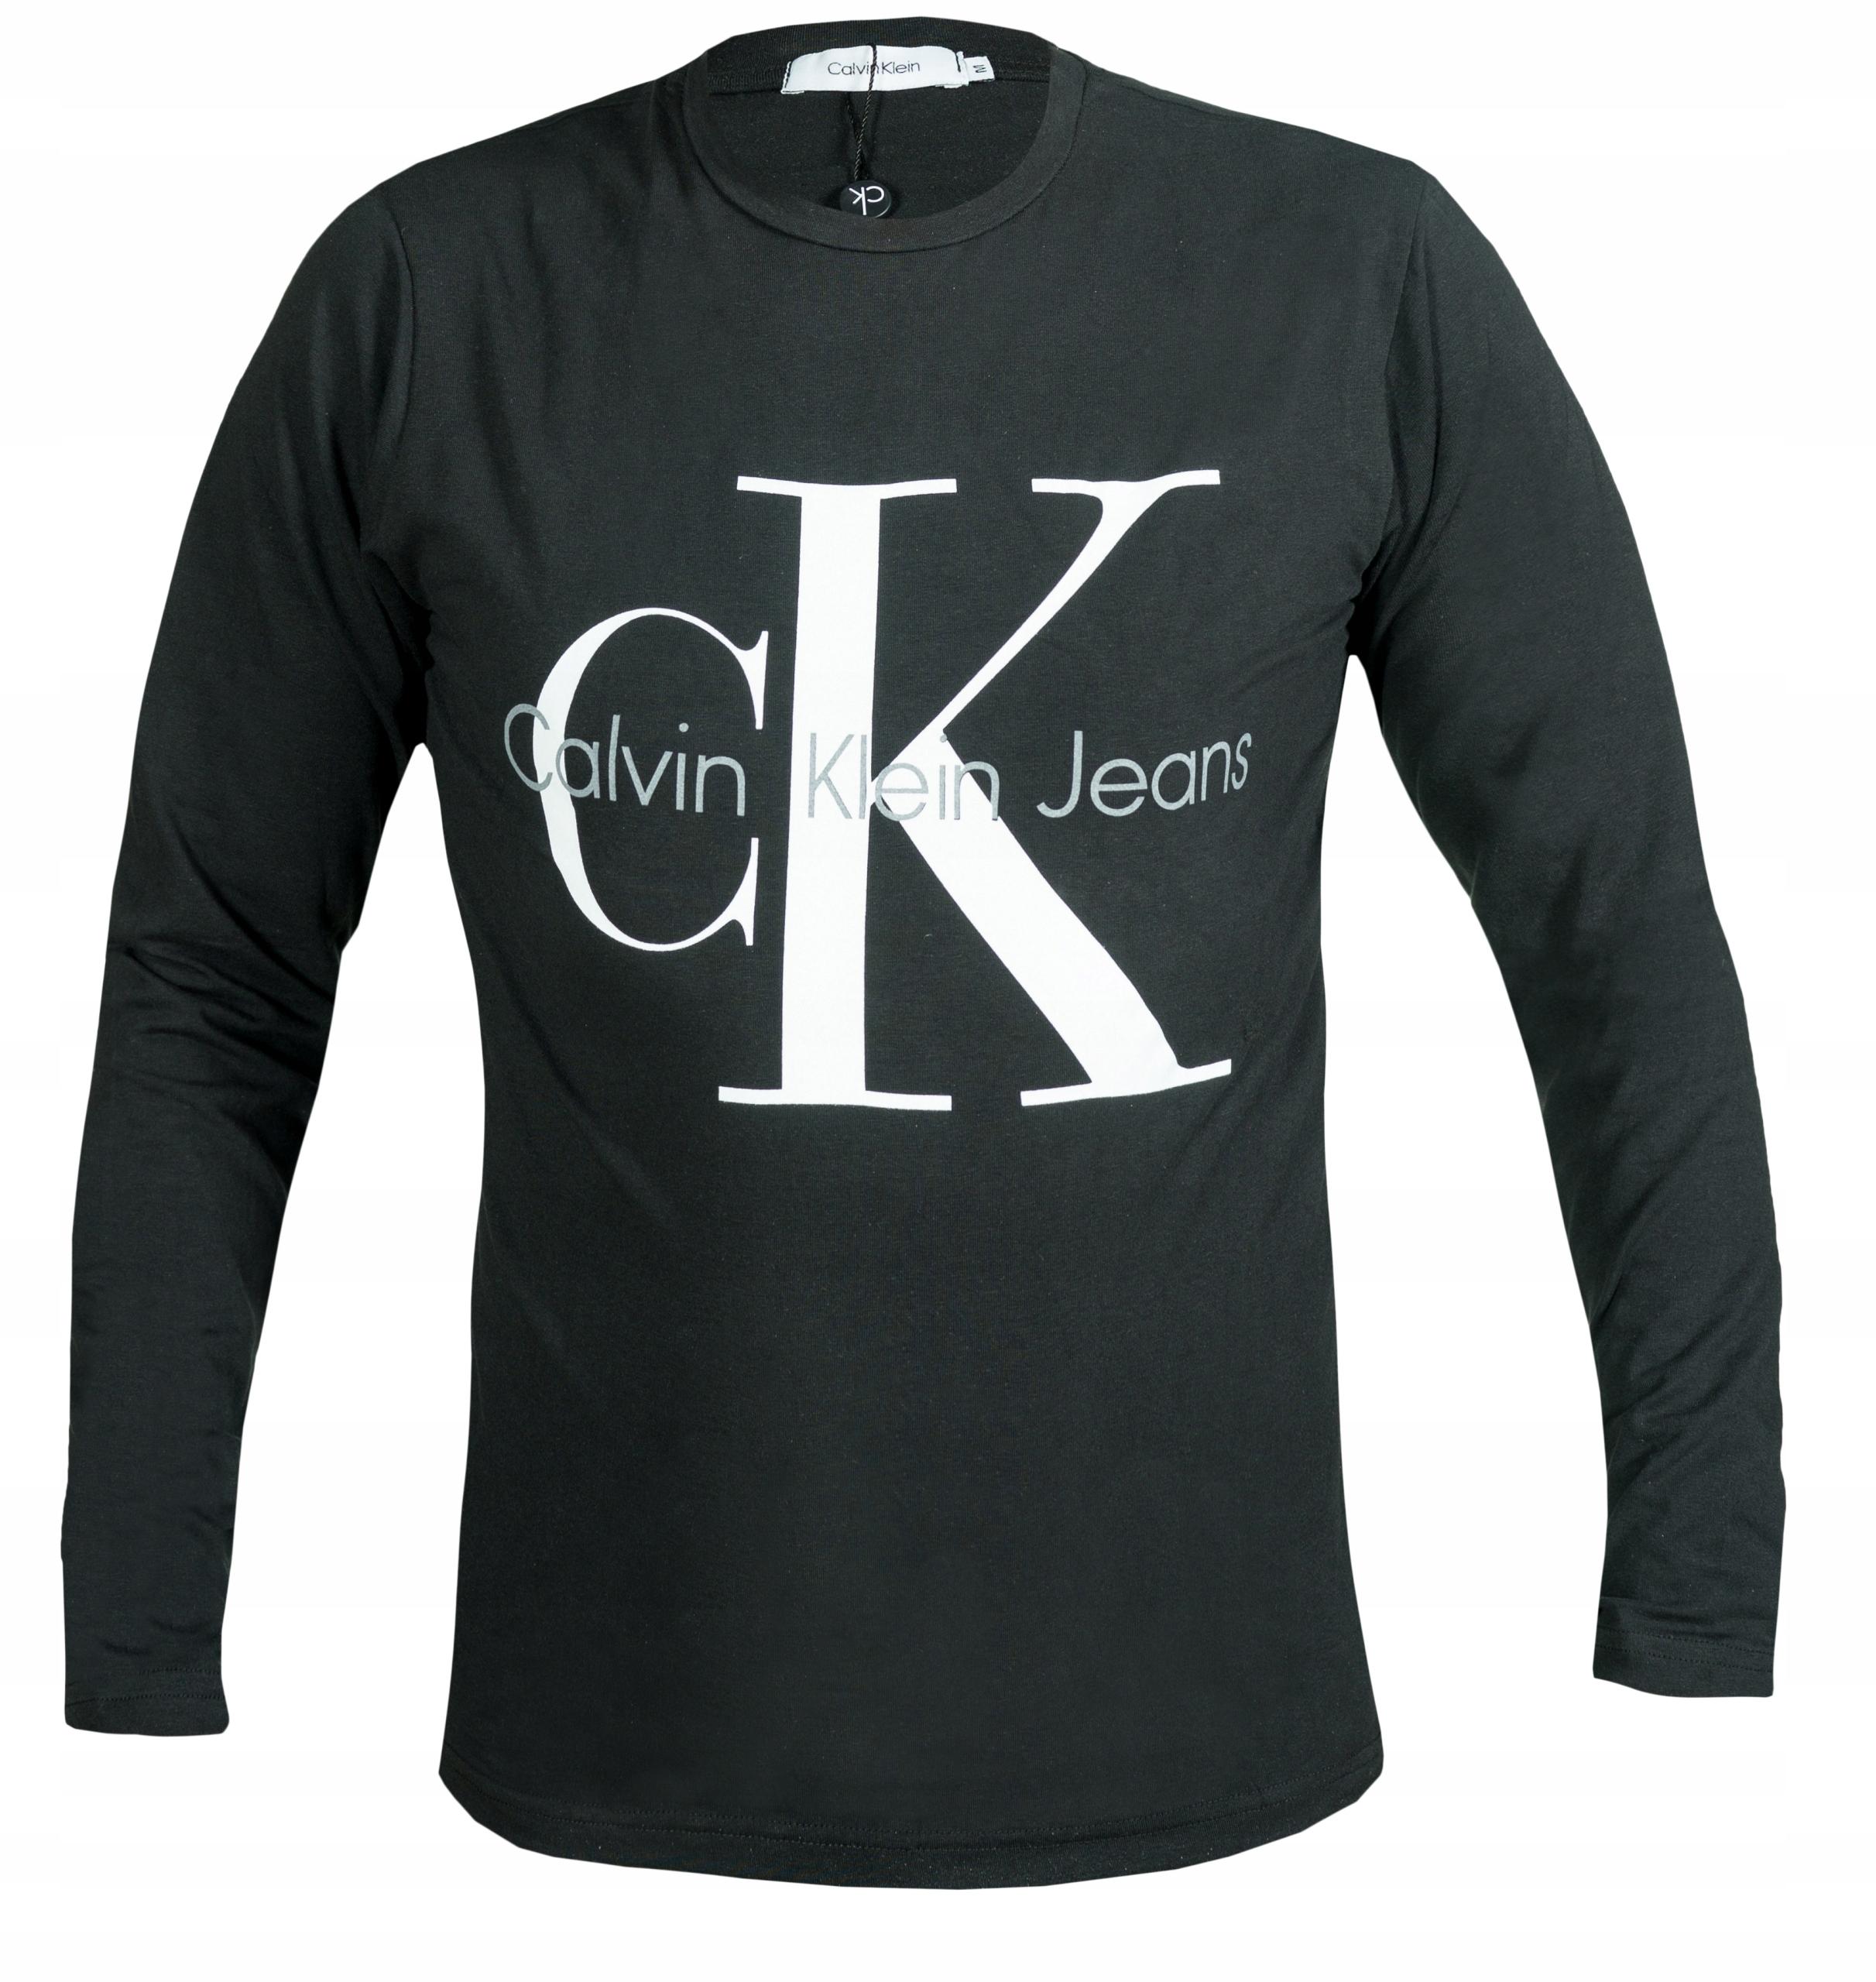 CALVIN KLEIN LONGSLEEVE MĘSKI CZARNY CK logo L